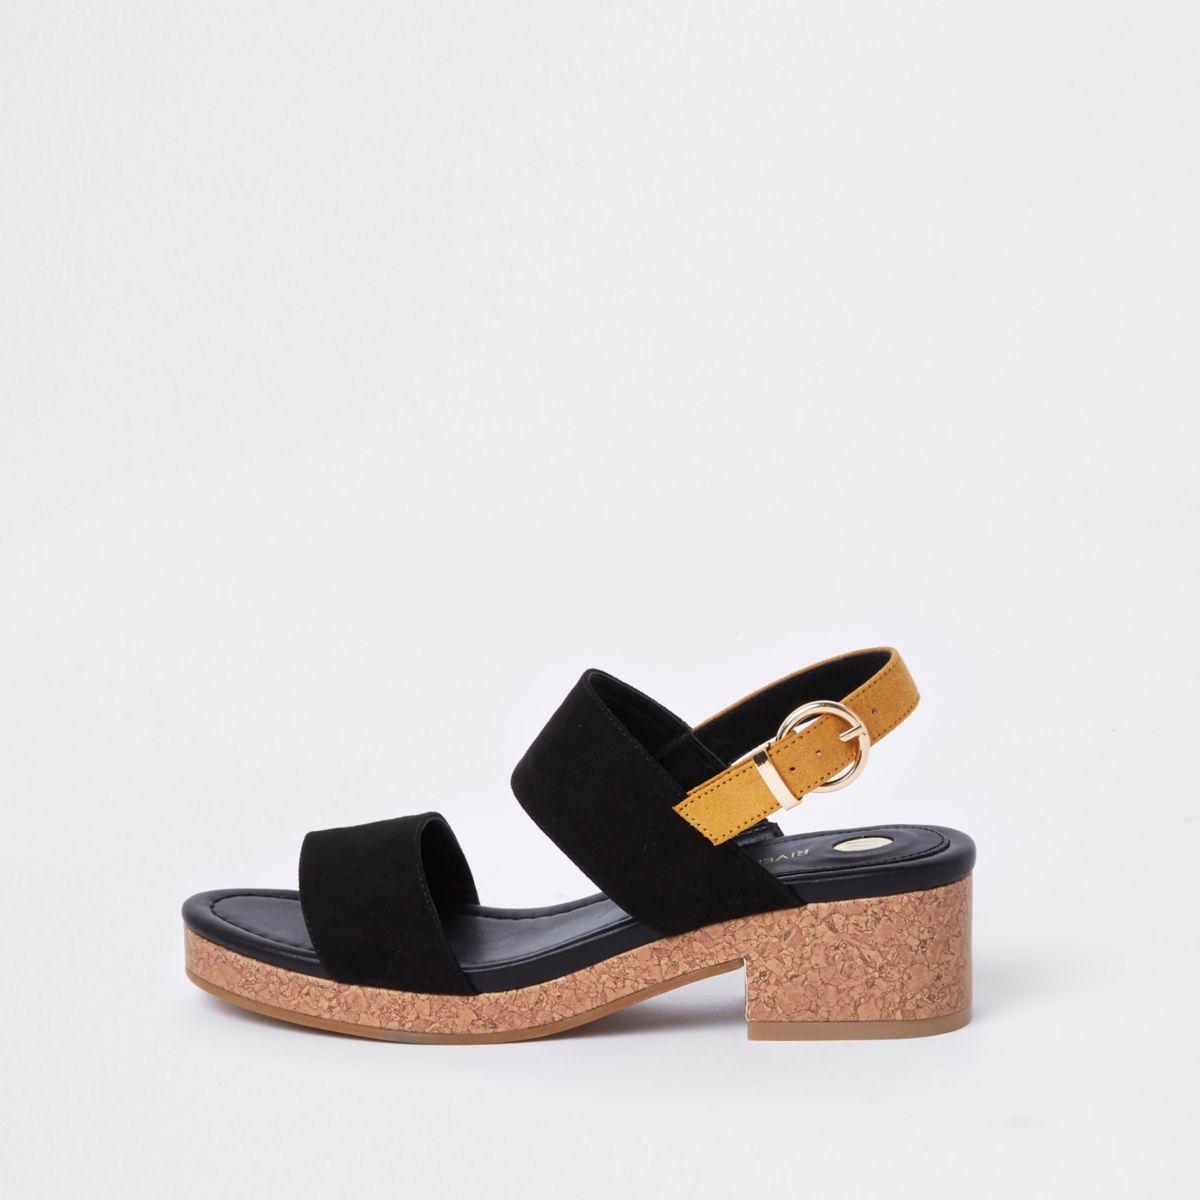 Black two part cork heel sandals